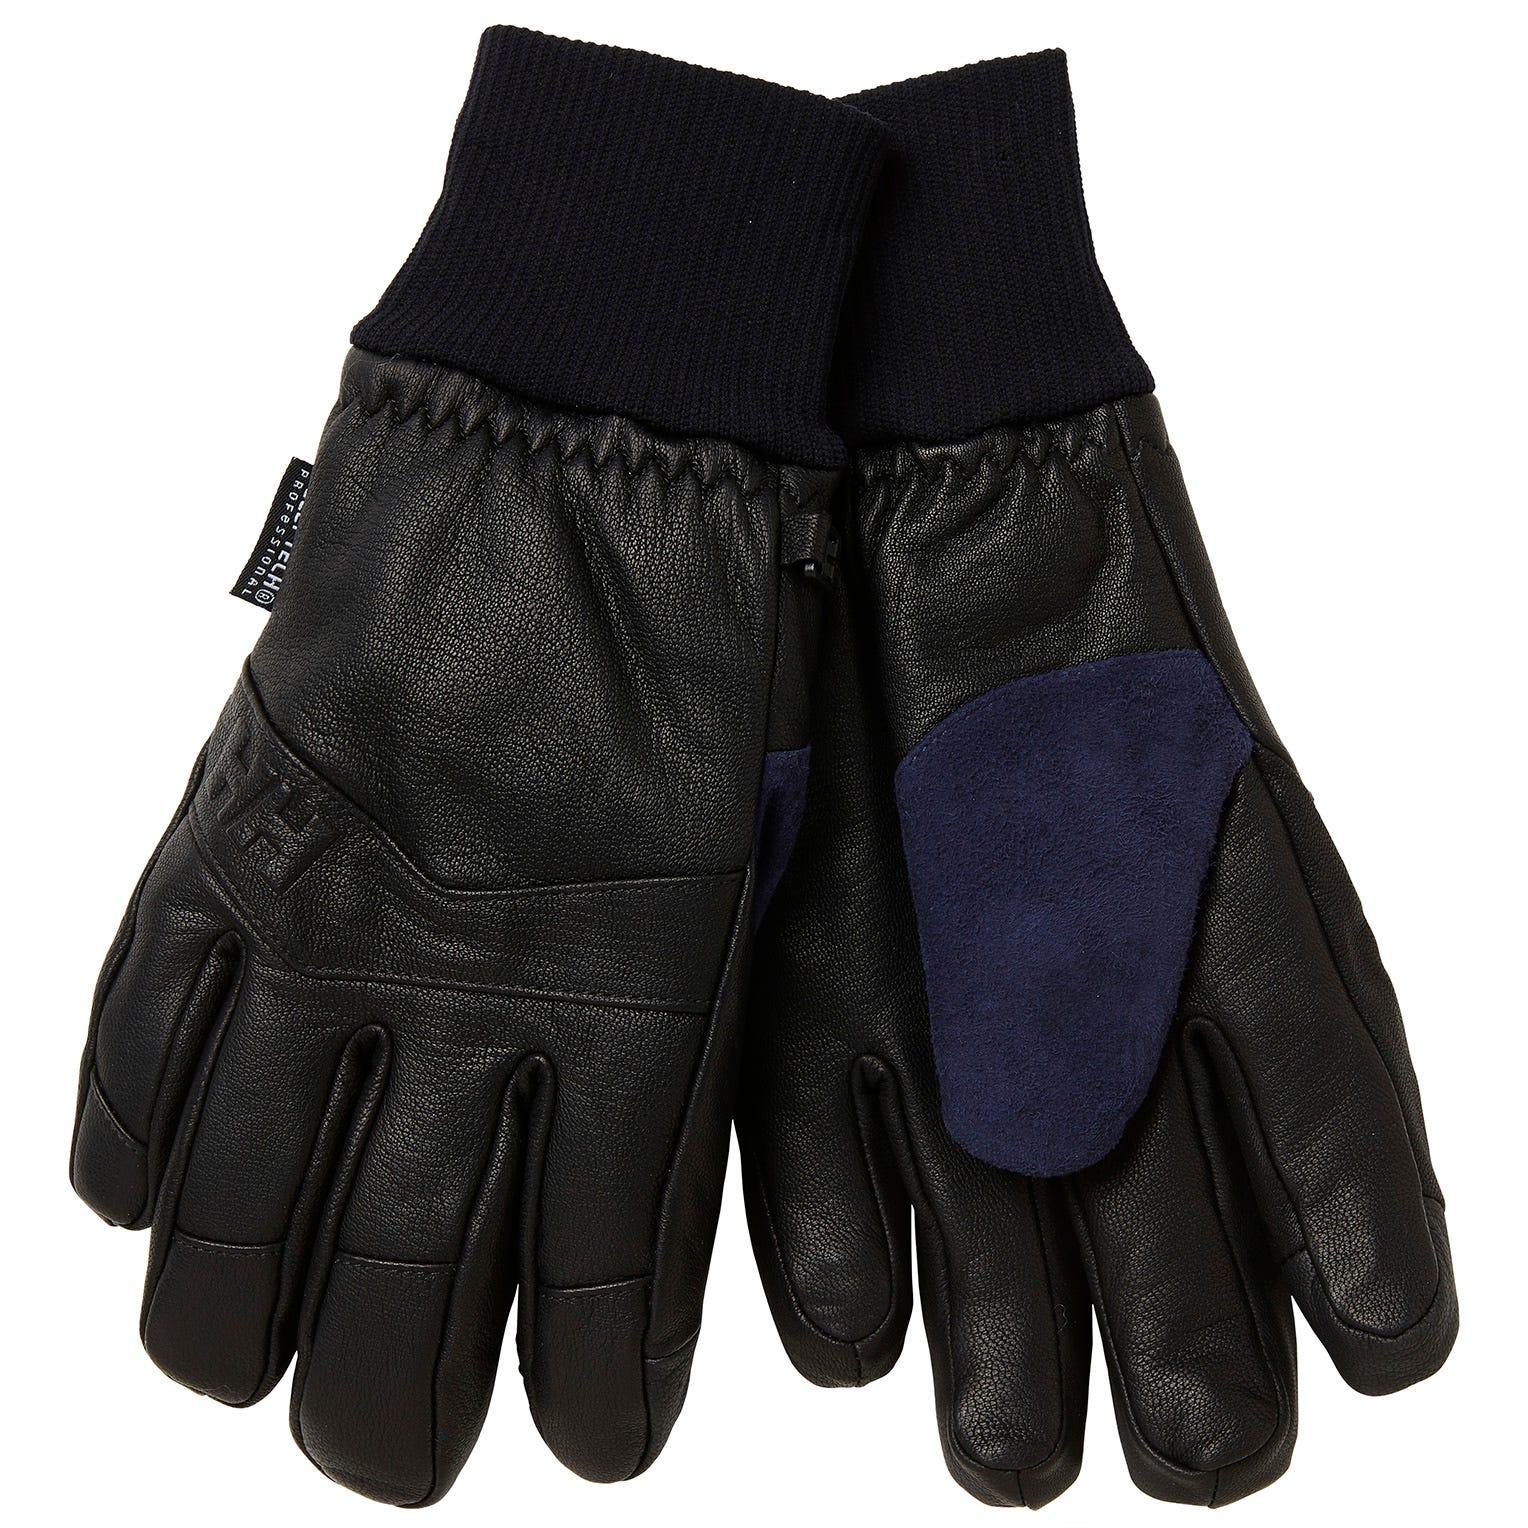 Helly Hansen Traverse Ht Glove Mens Black XL